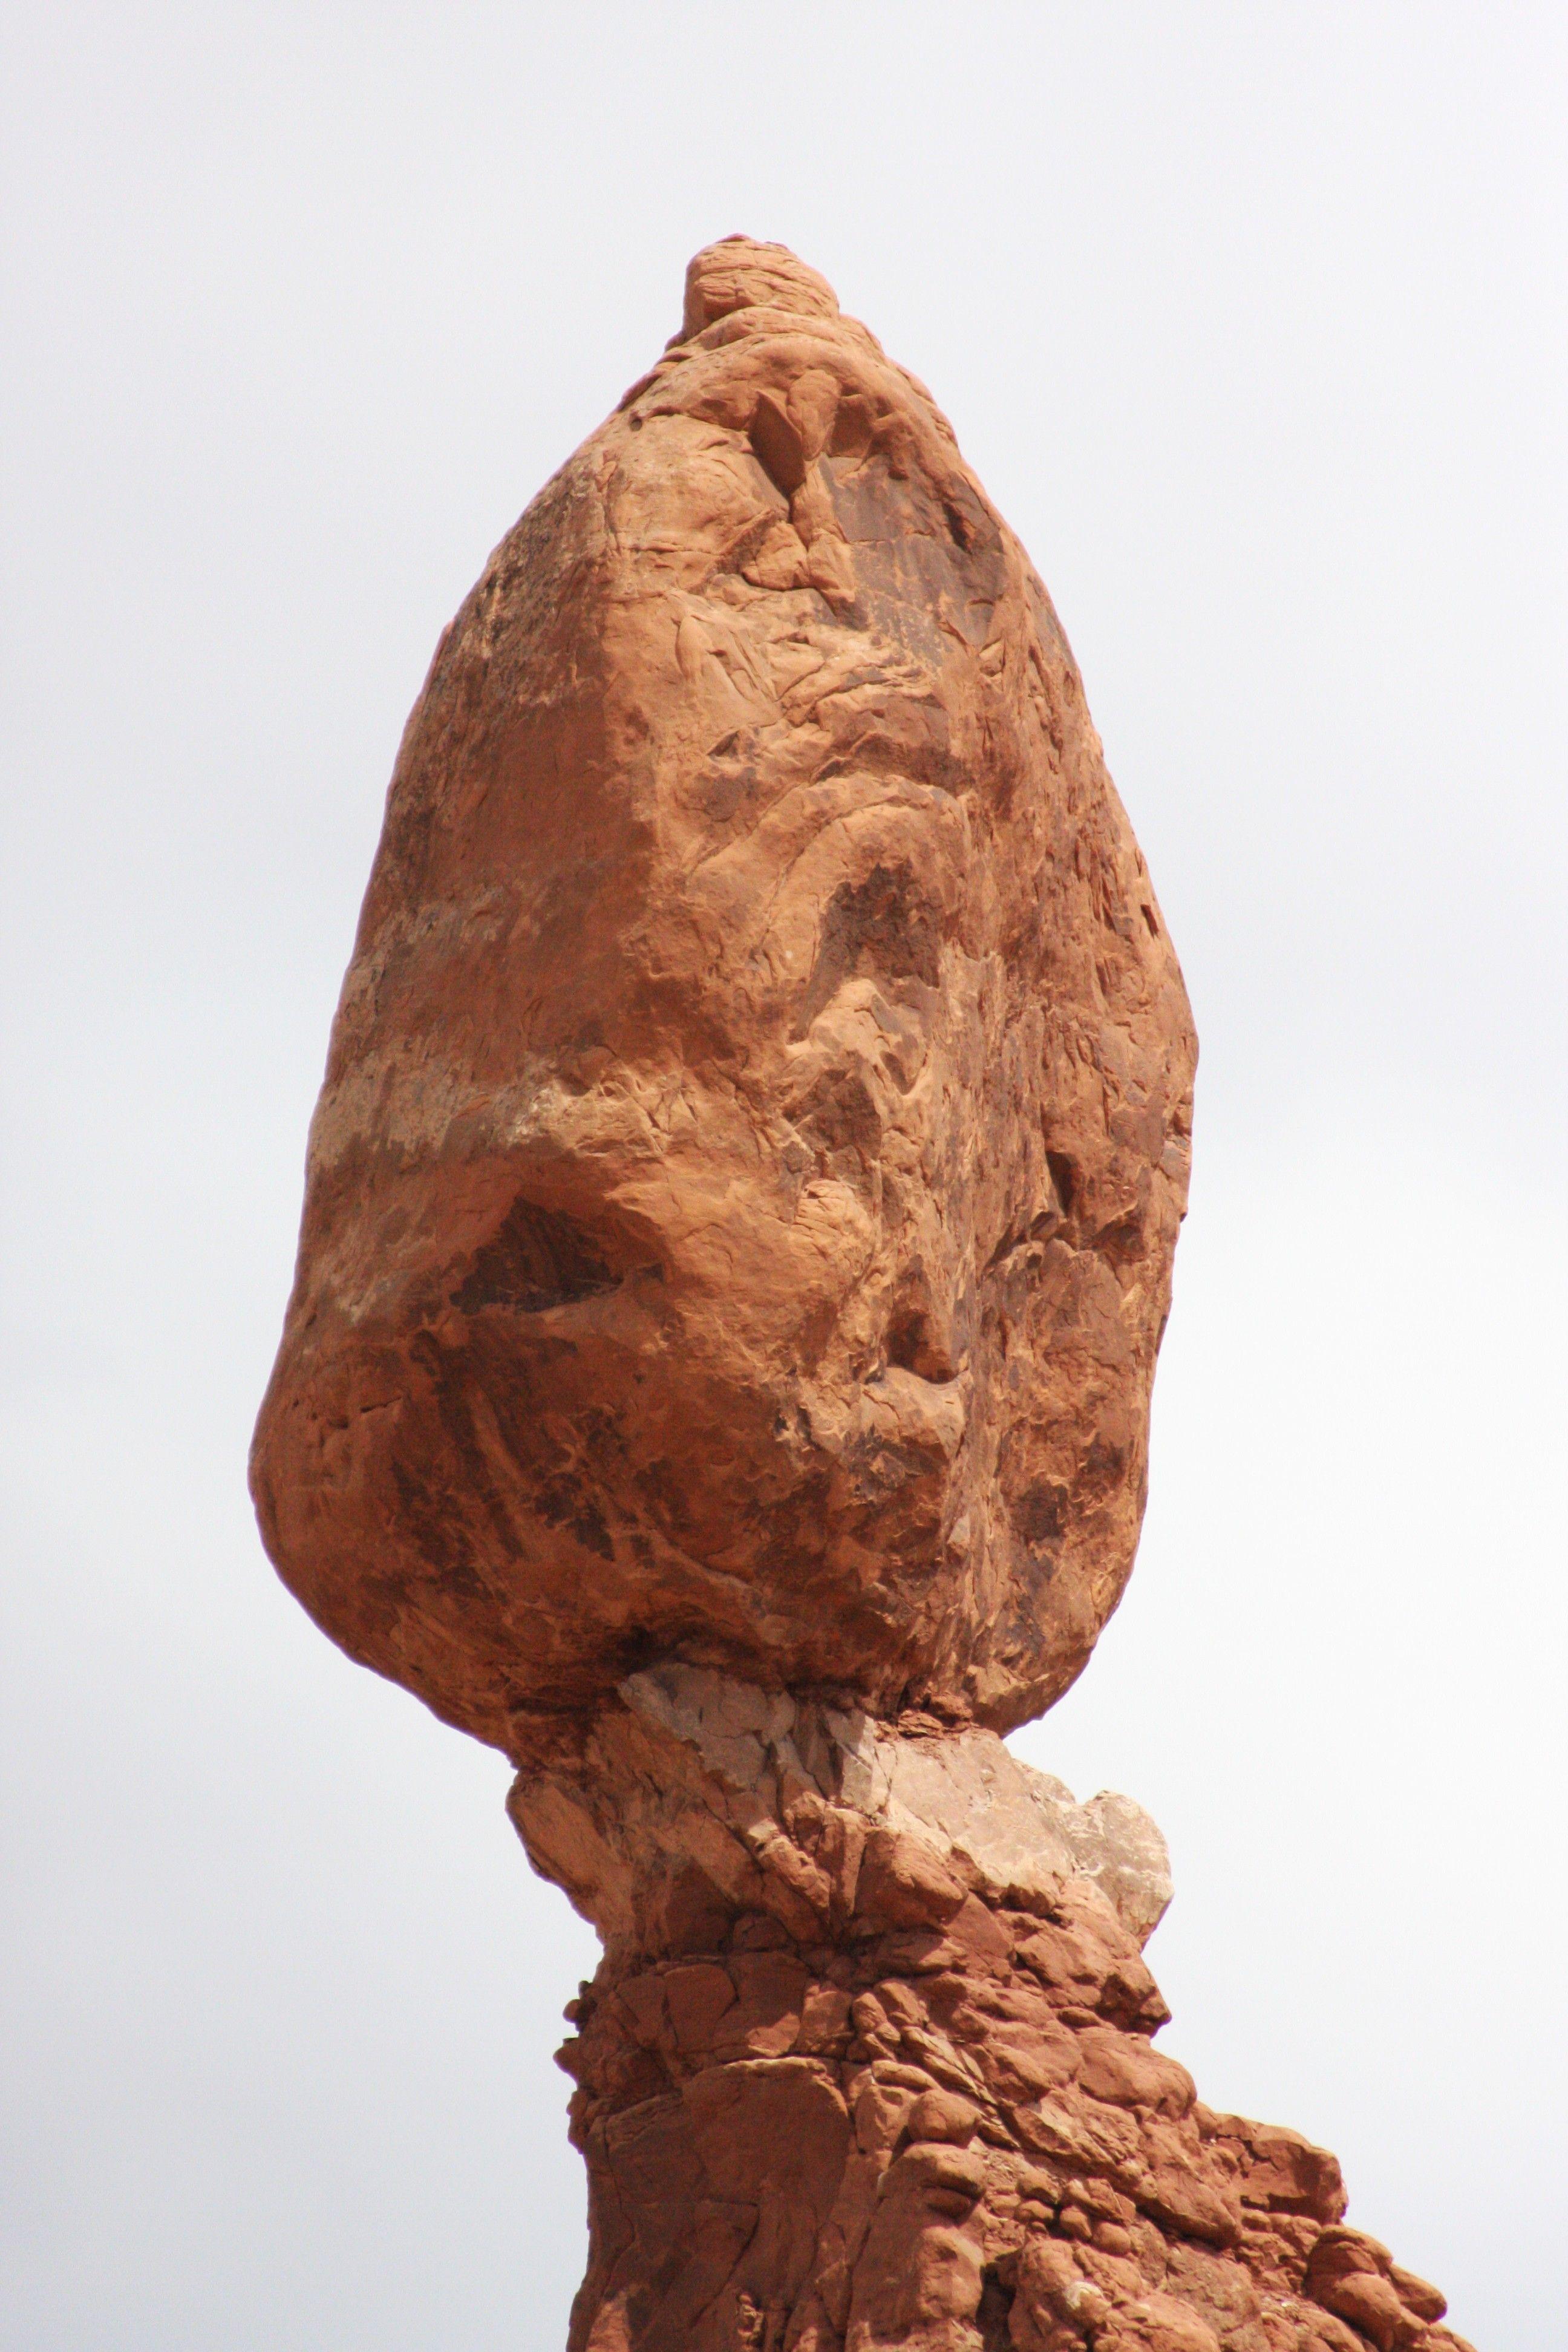 A close-up of Balanced Rock.